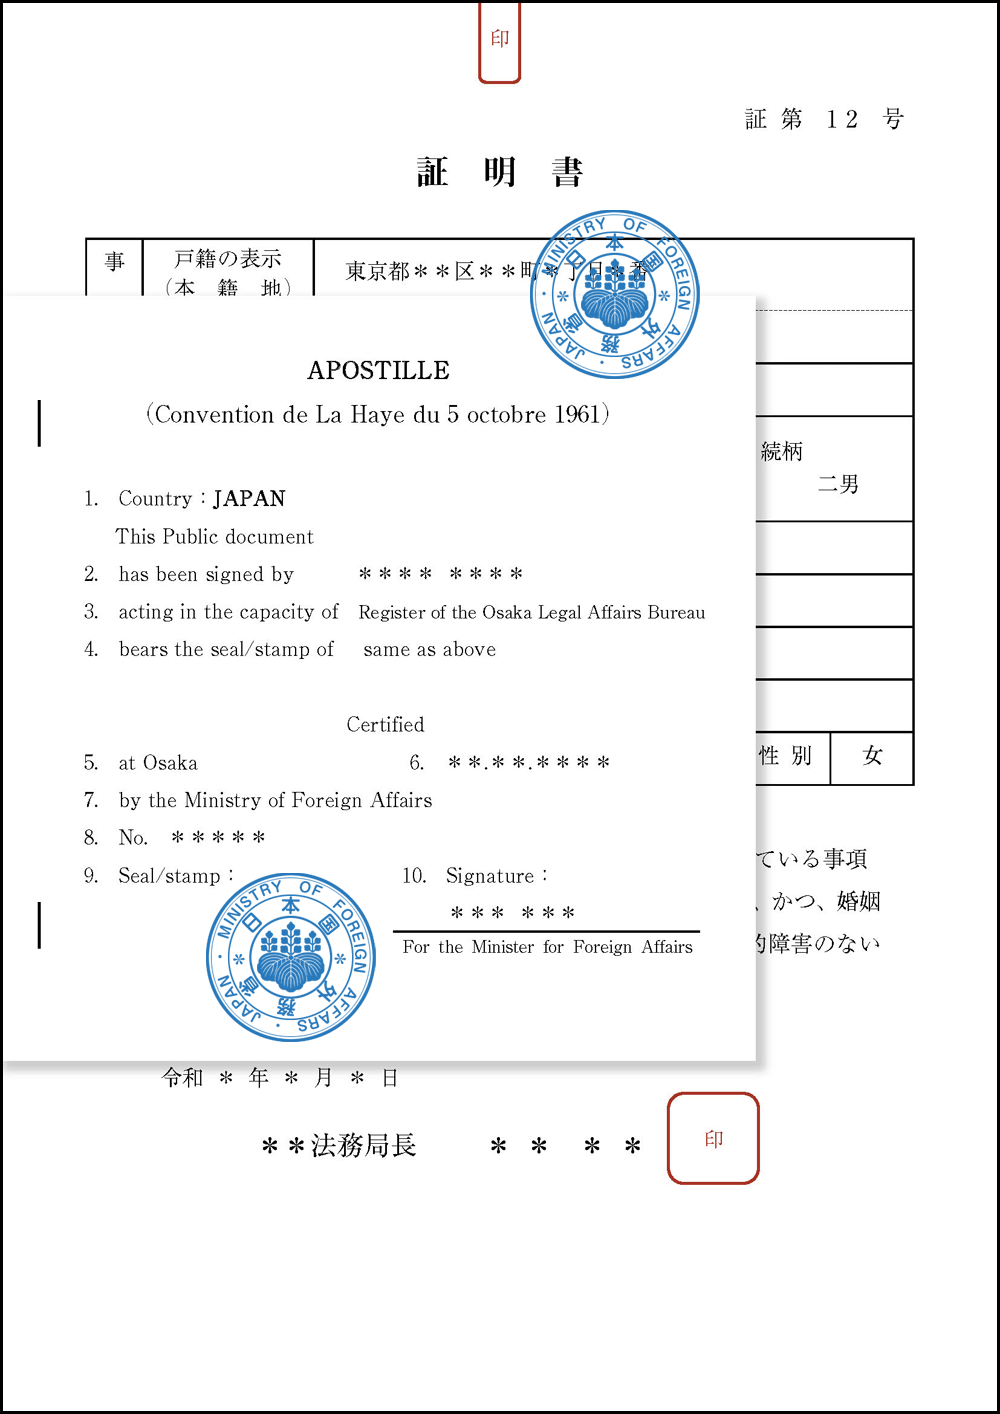 婚姻要件具備証明書のアポスティーユ